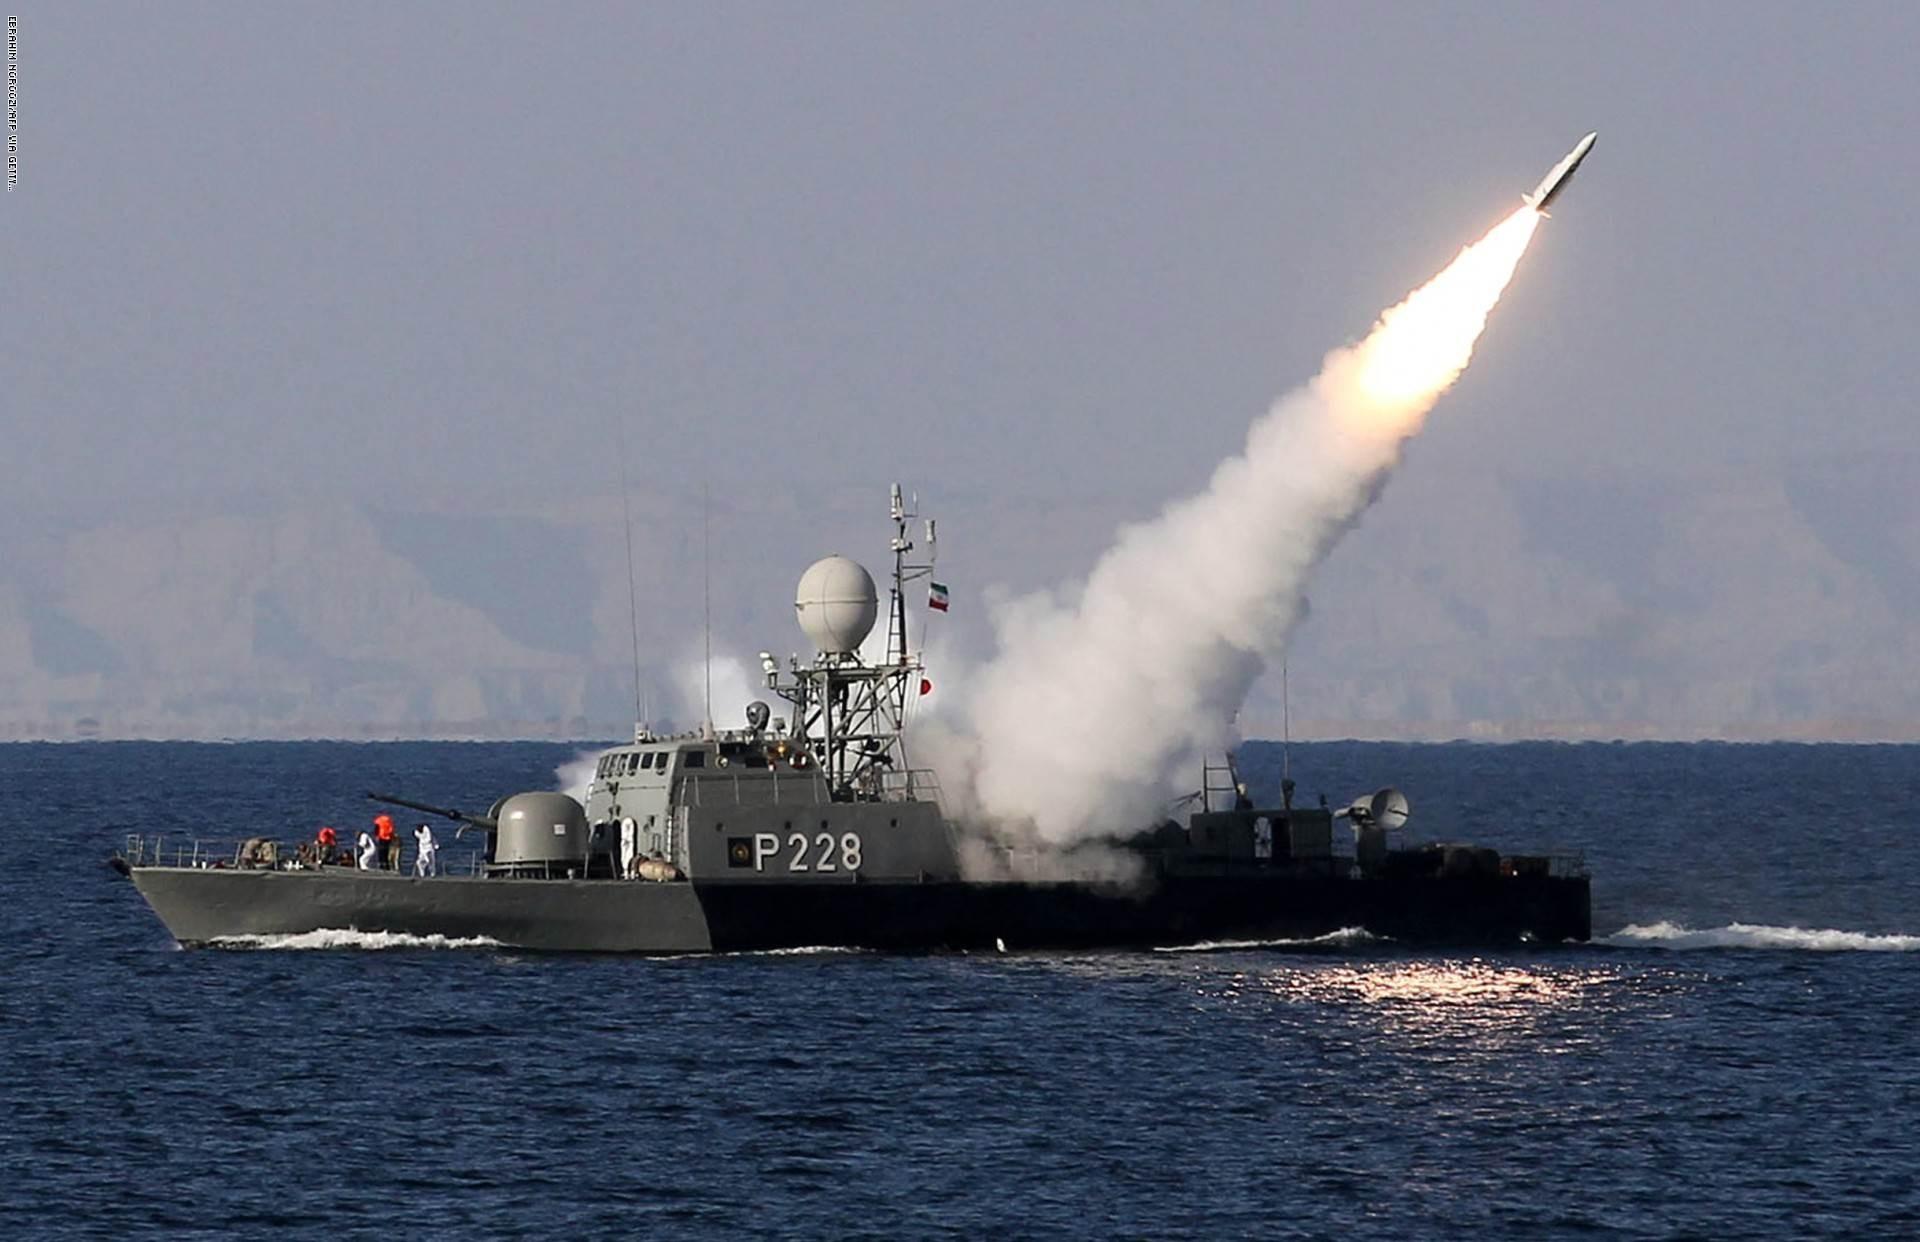 مناورات الحرس الثوري تؤدي الى استنفار  قاعدتين أميركيتين في الخليج